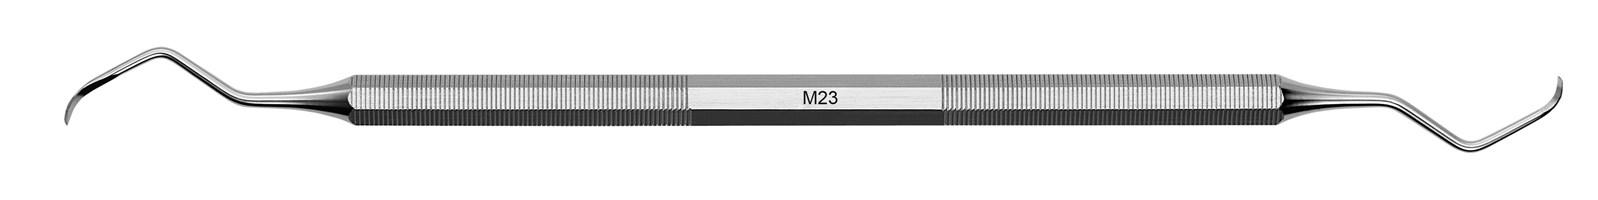 Scaler univerzální - M23, ADEP žlutý